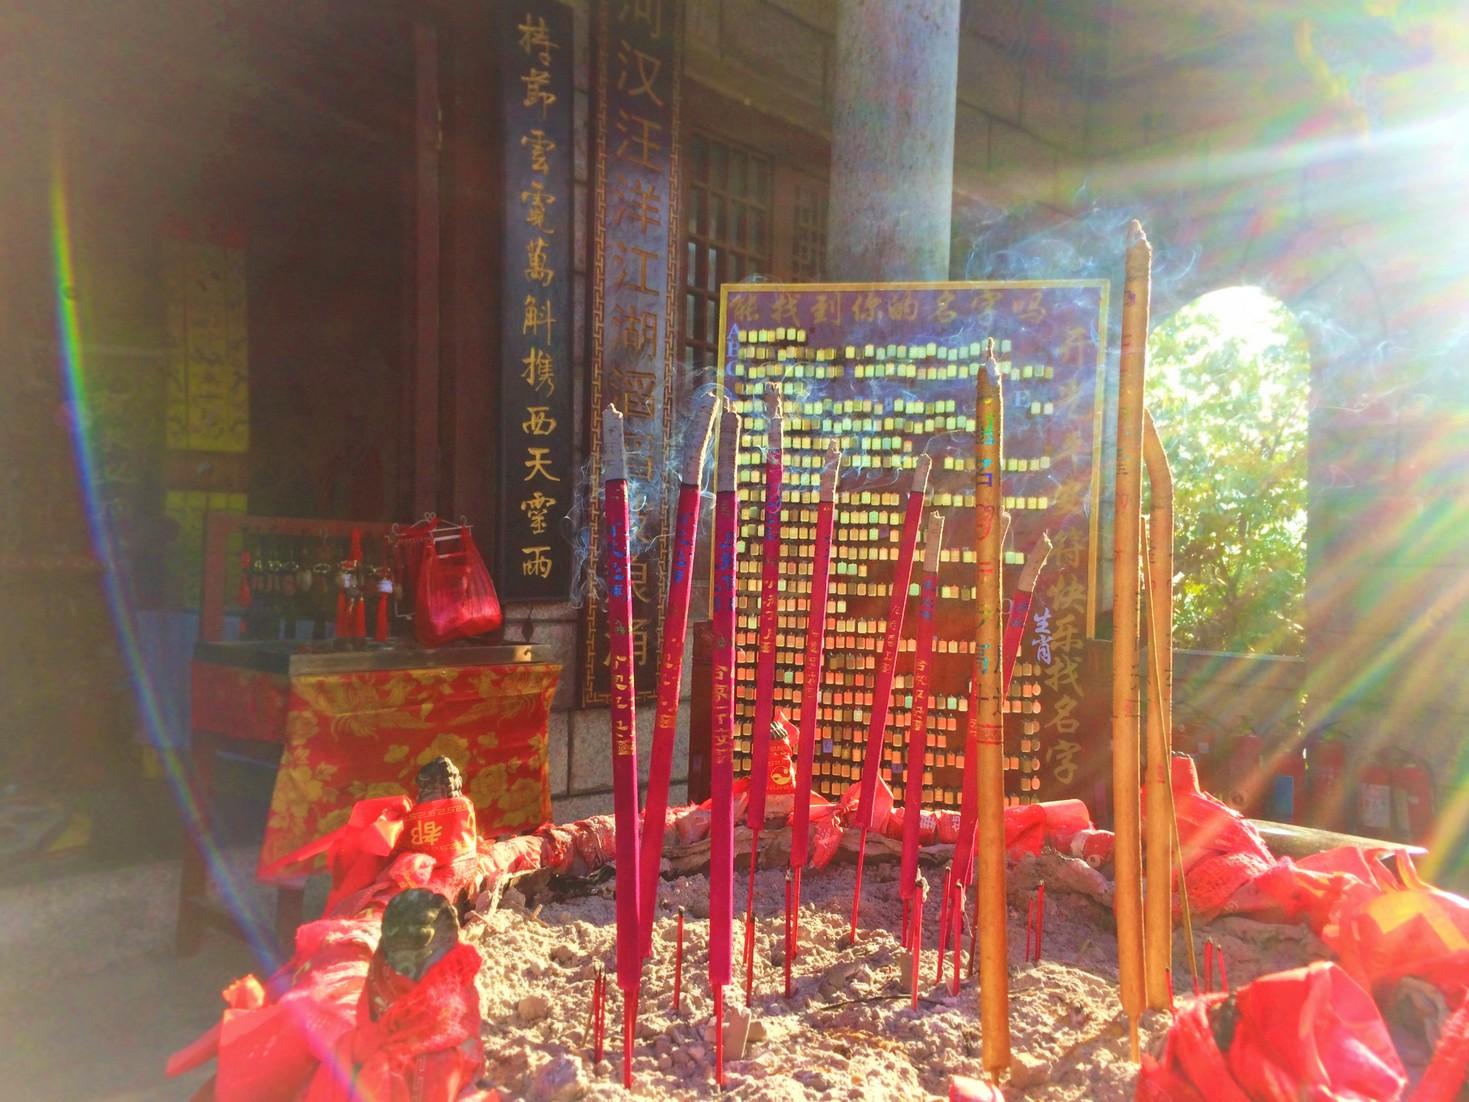 burning-incense-at-buddhist-temple-at-huashan-2